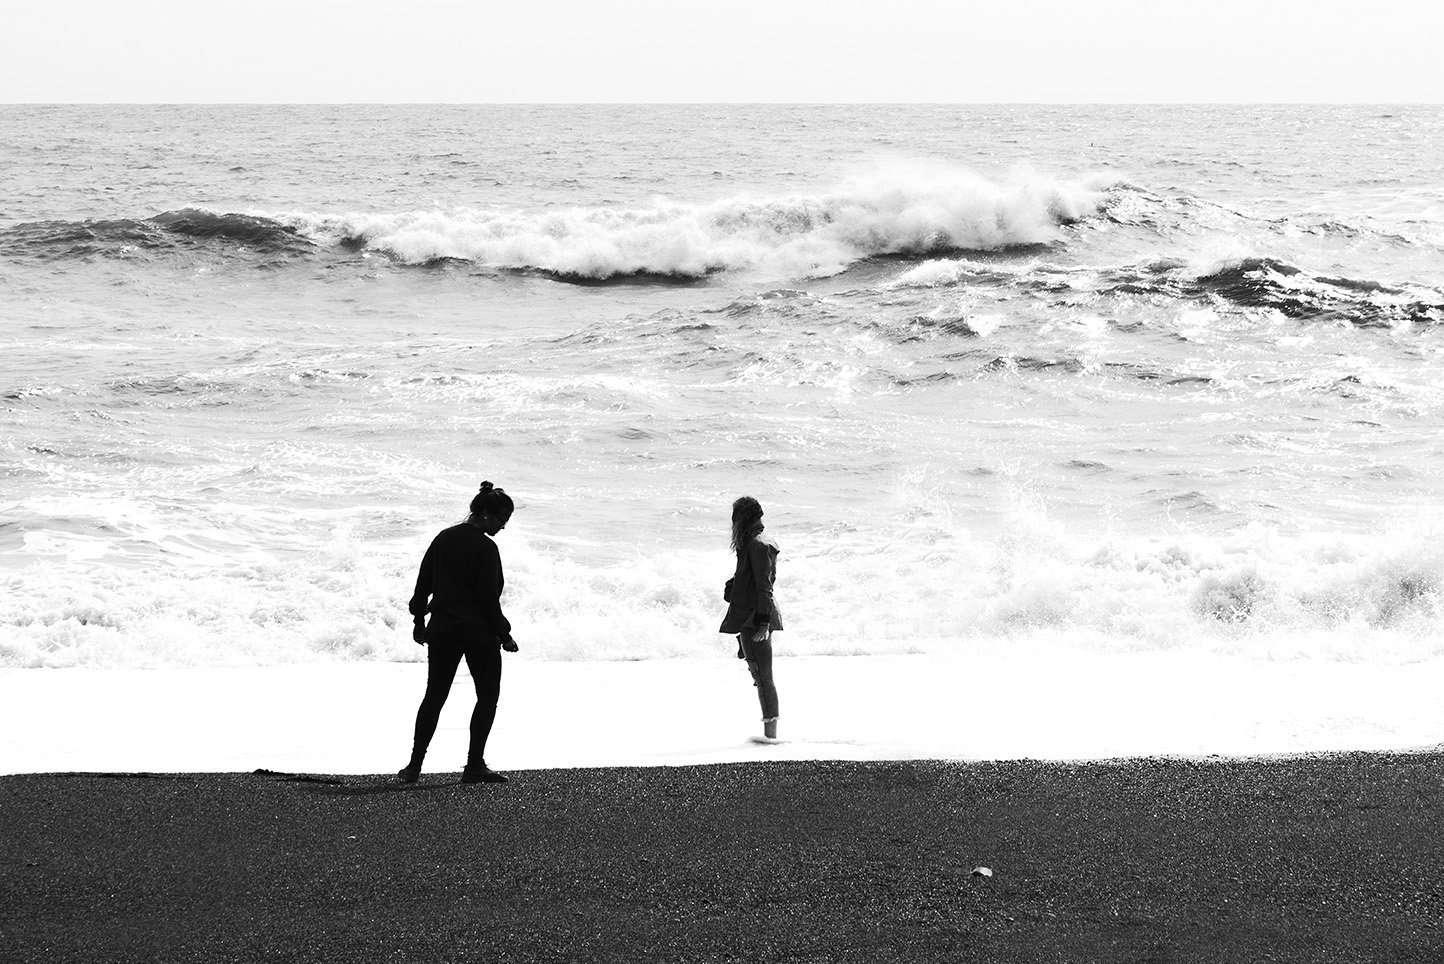 Fotografia mare Islandese con ragazze in spiaggia realizzata da Barbara Trincone Fotografo freelance con base a Pozzuoli Napoli